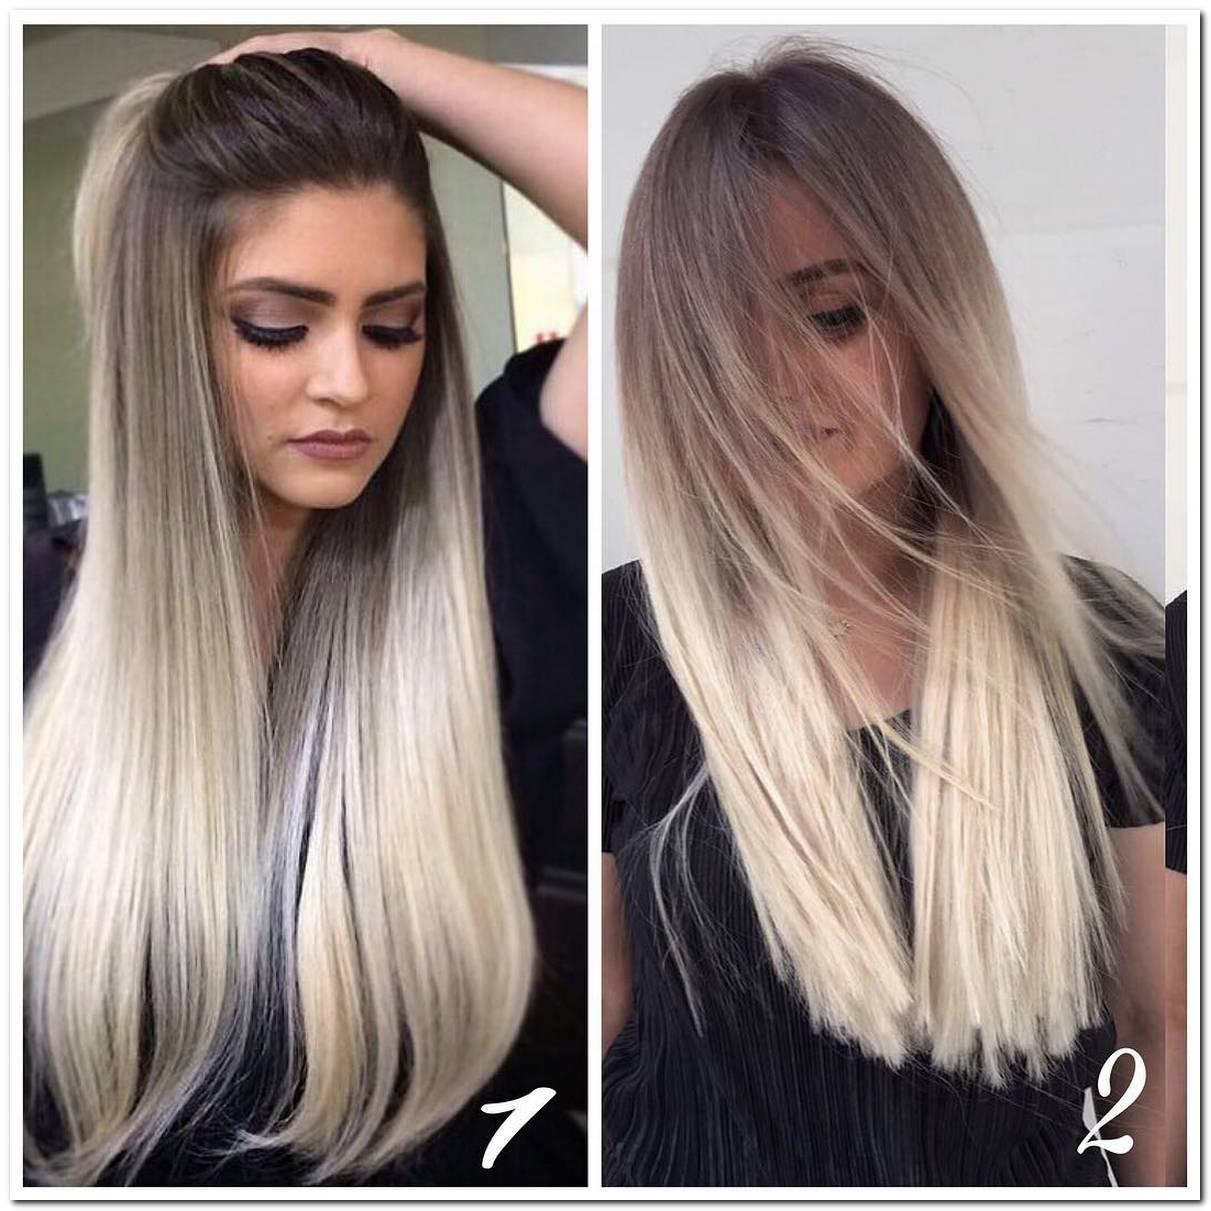 Frisuren 2018 Frauen Lange Haare